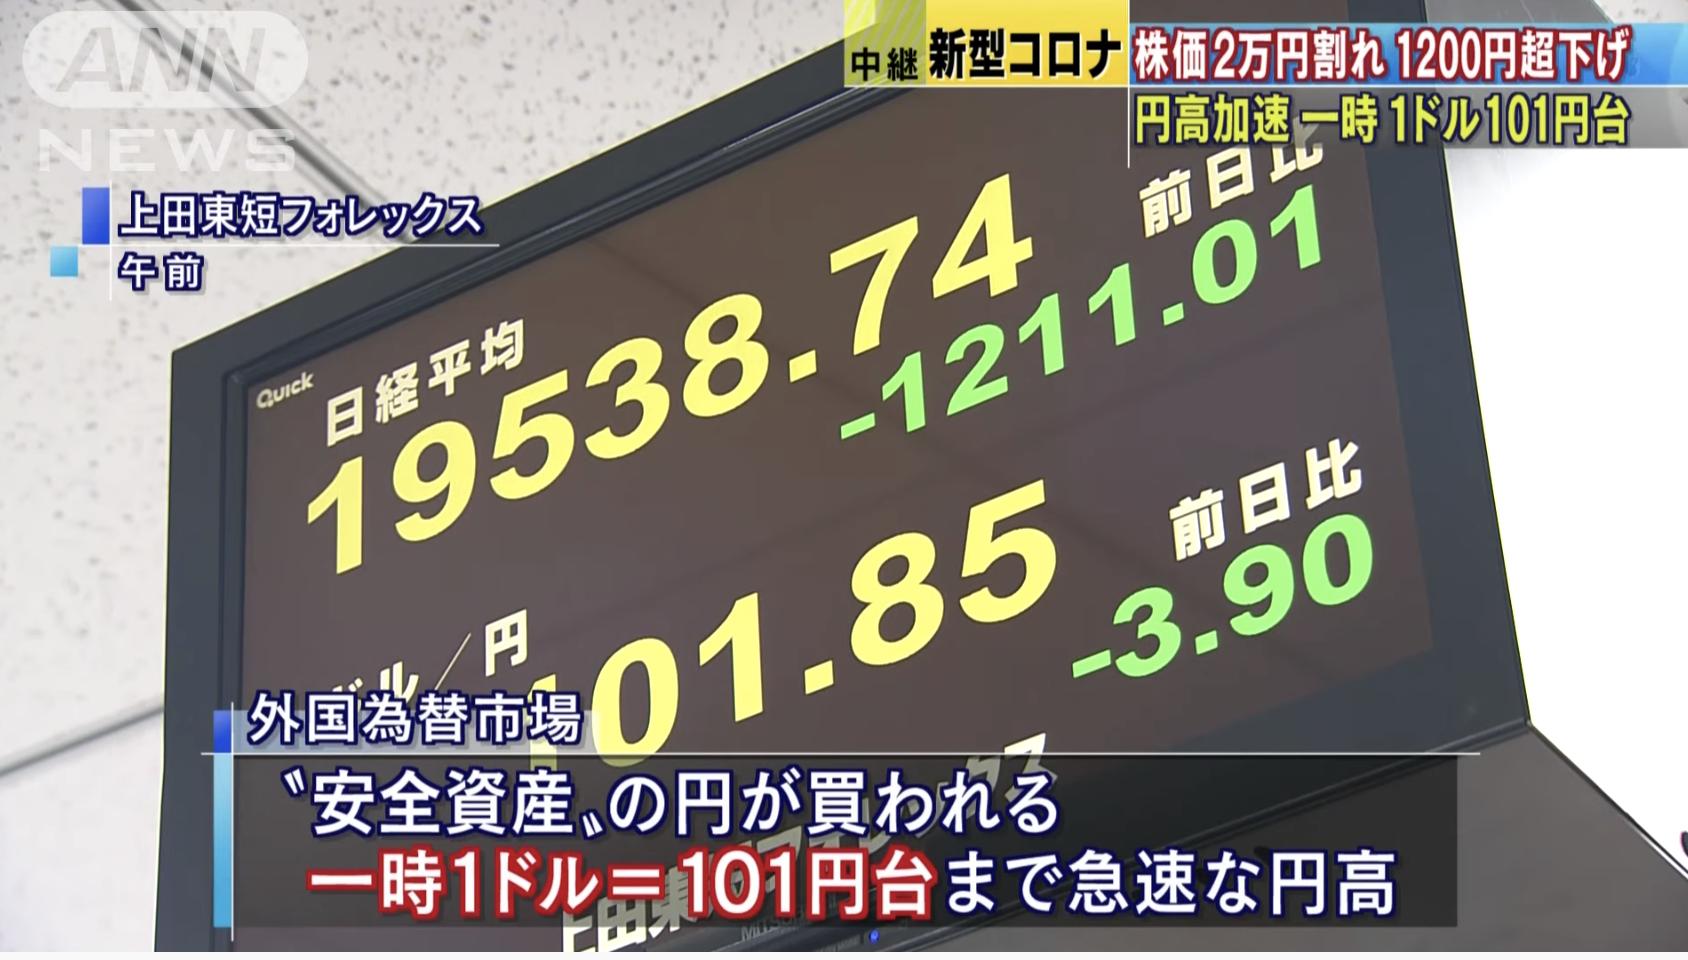 受疫情影響,9日東京原油市場,原油價格暴跌三成, 東京股市暴瀉千點,日圓飆升。世界經濟出現不安。(視頻截圖)